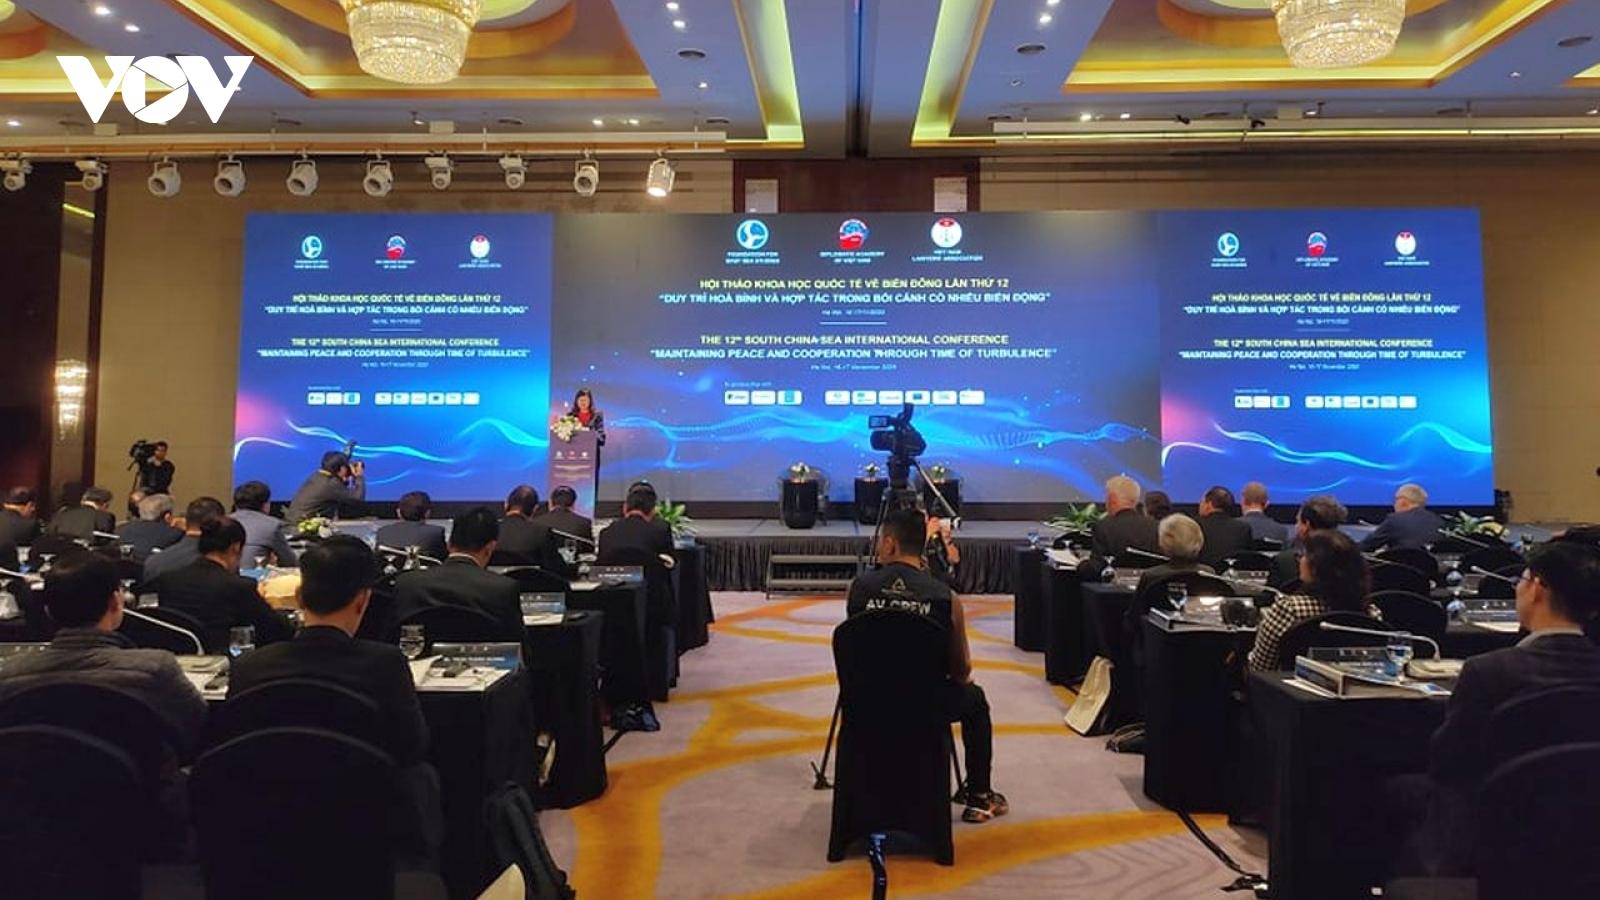 Hội thảo Quốc tế Biển Đông 12 thảo luận các chủ đề thực chất, cấp bách, sát thực tiễn